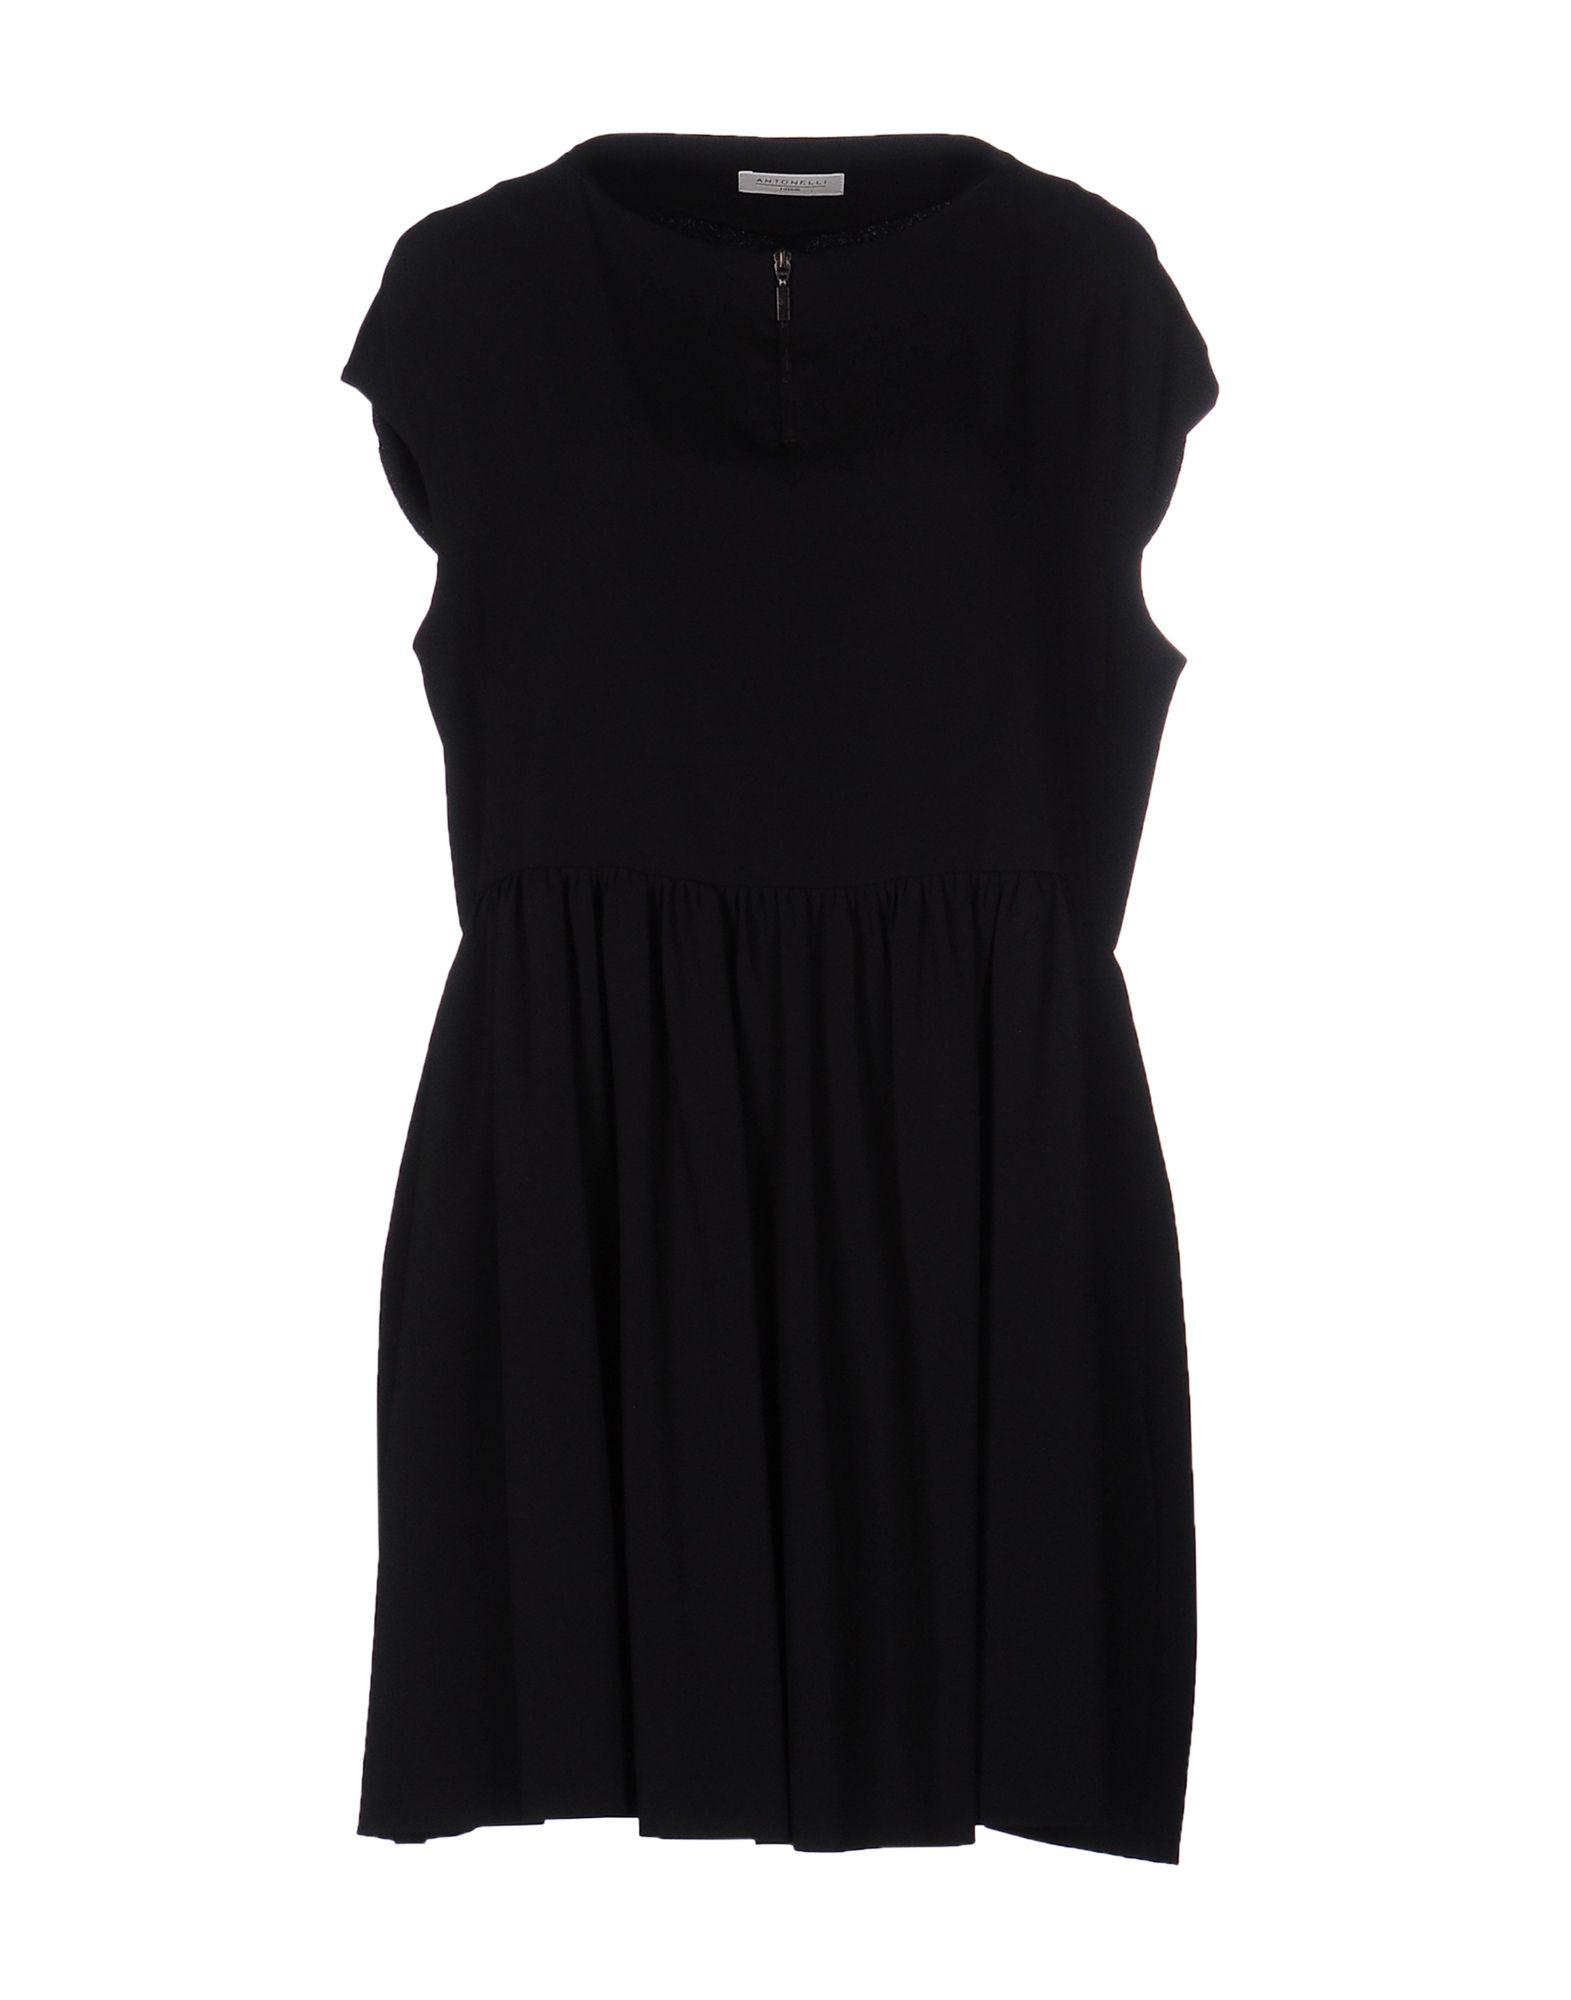 ANTONELLI Damen Kurzes Kleid Farbe Schwarz Größe 4